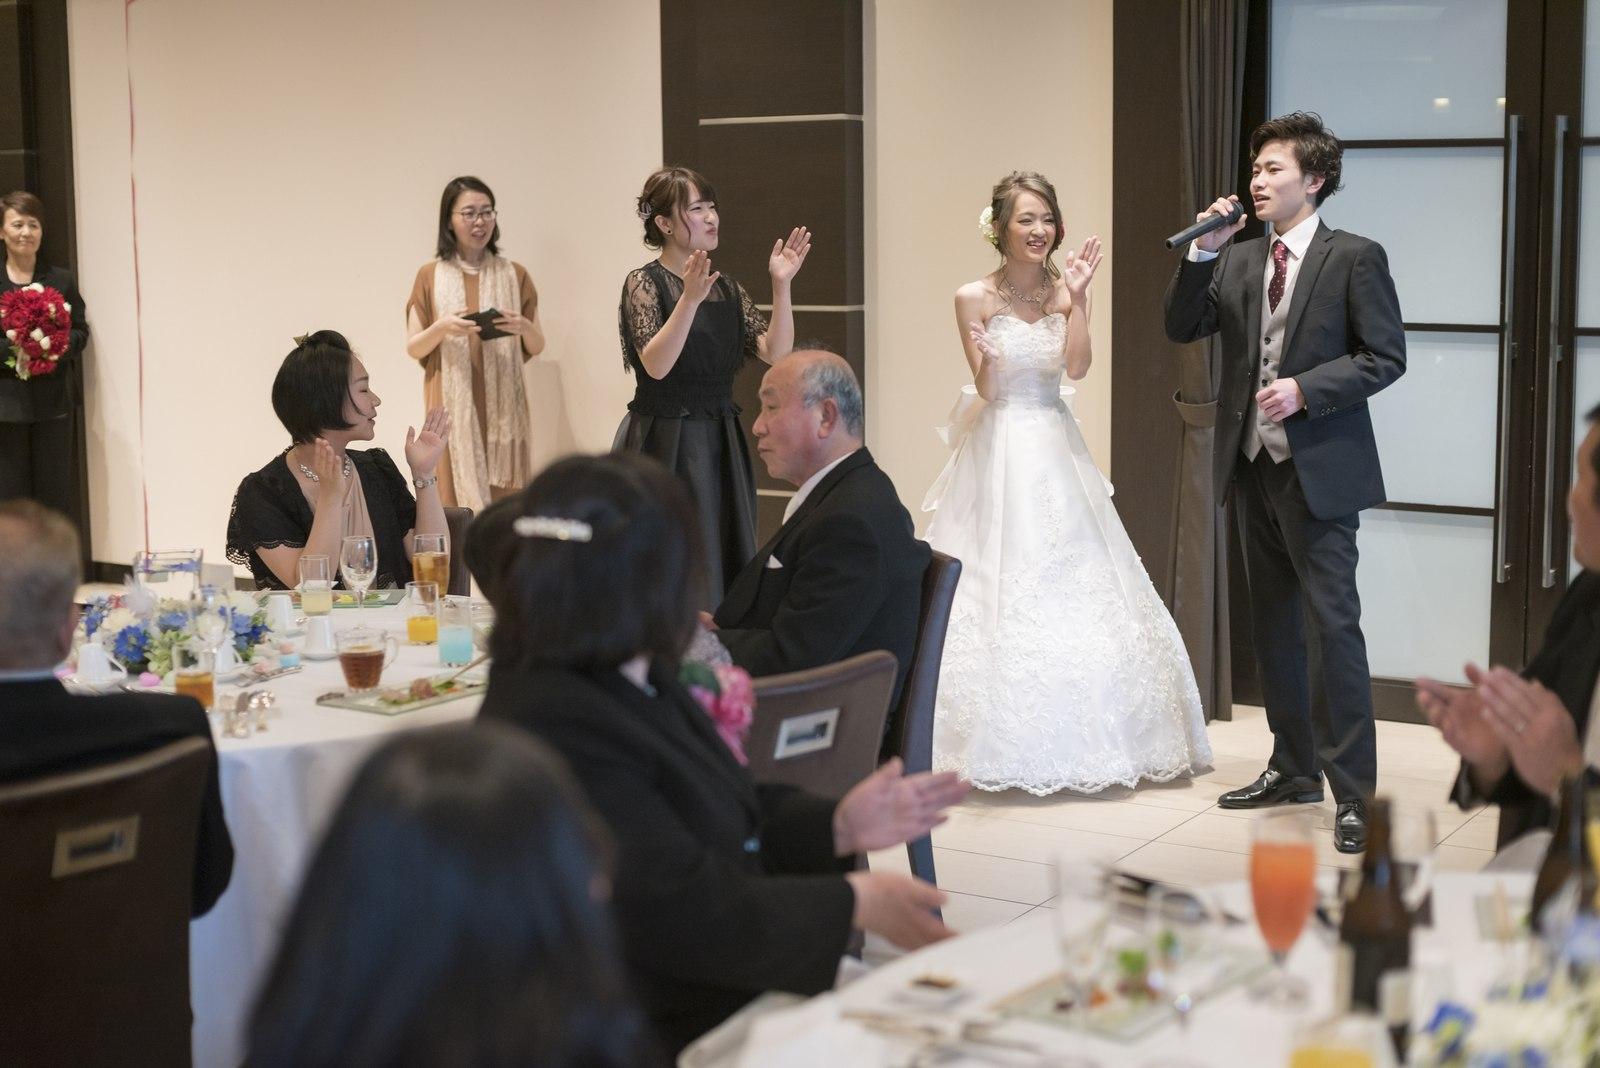 高松市の結婚式場アイルバレクラブの新婦退場シーンで生歌を披露する弟様